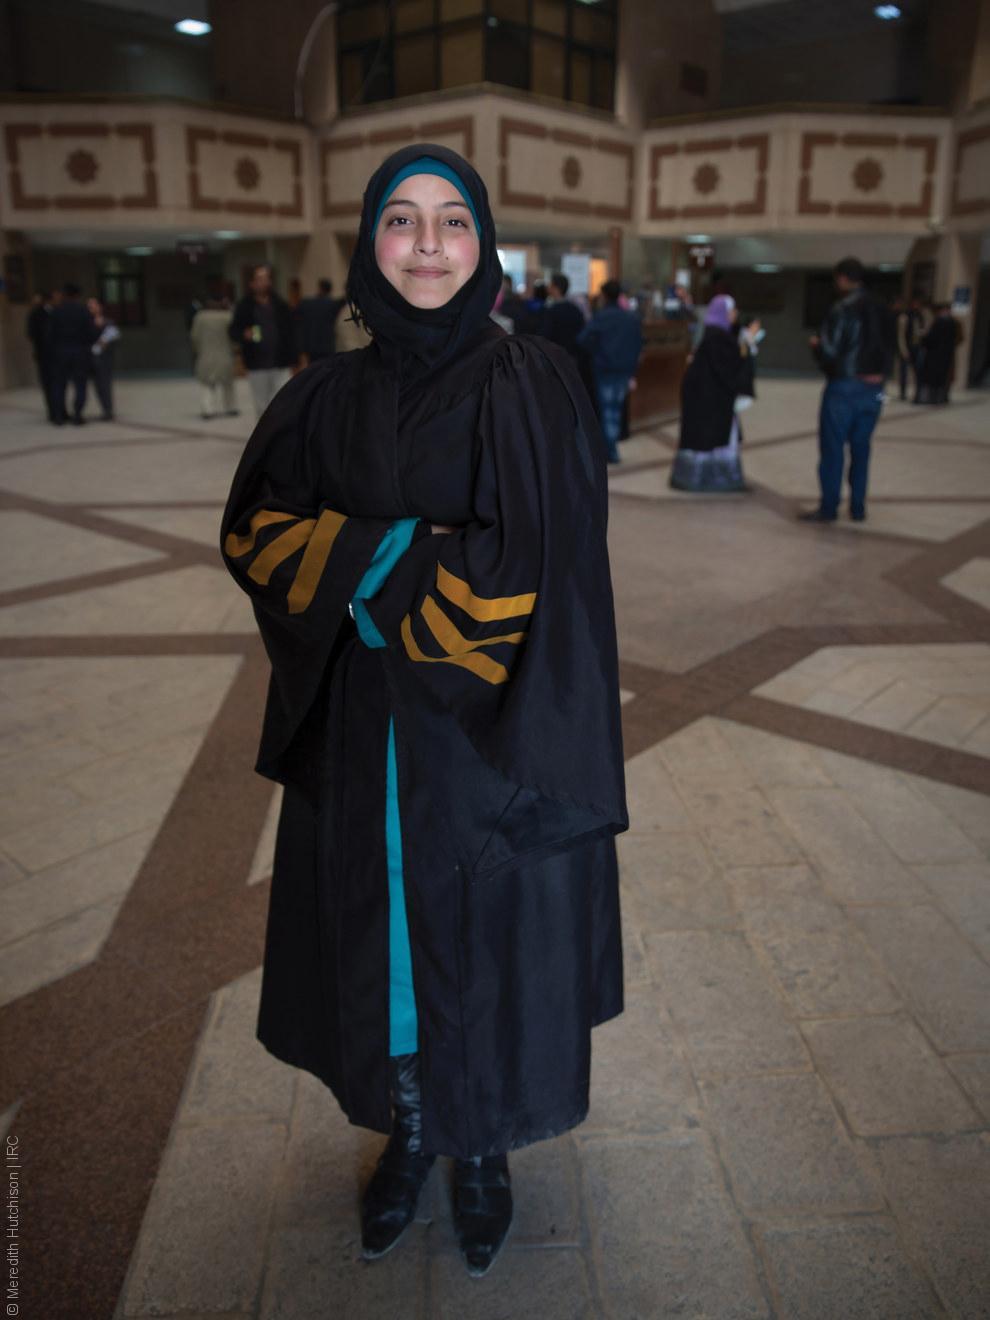 فتيات لاجئات - طفلة سورية بلباس التخرج